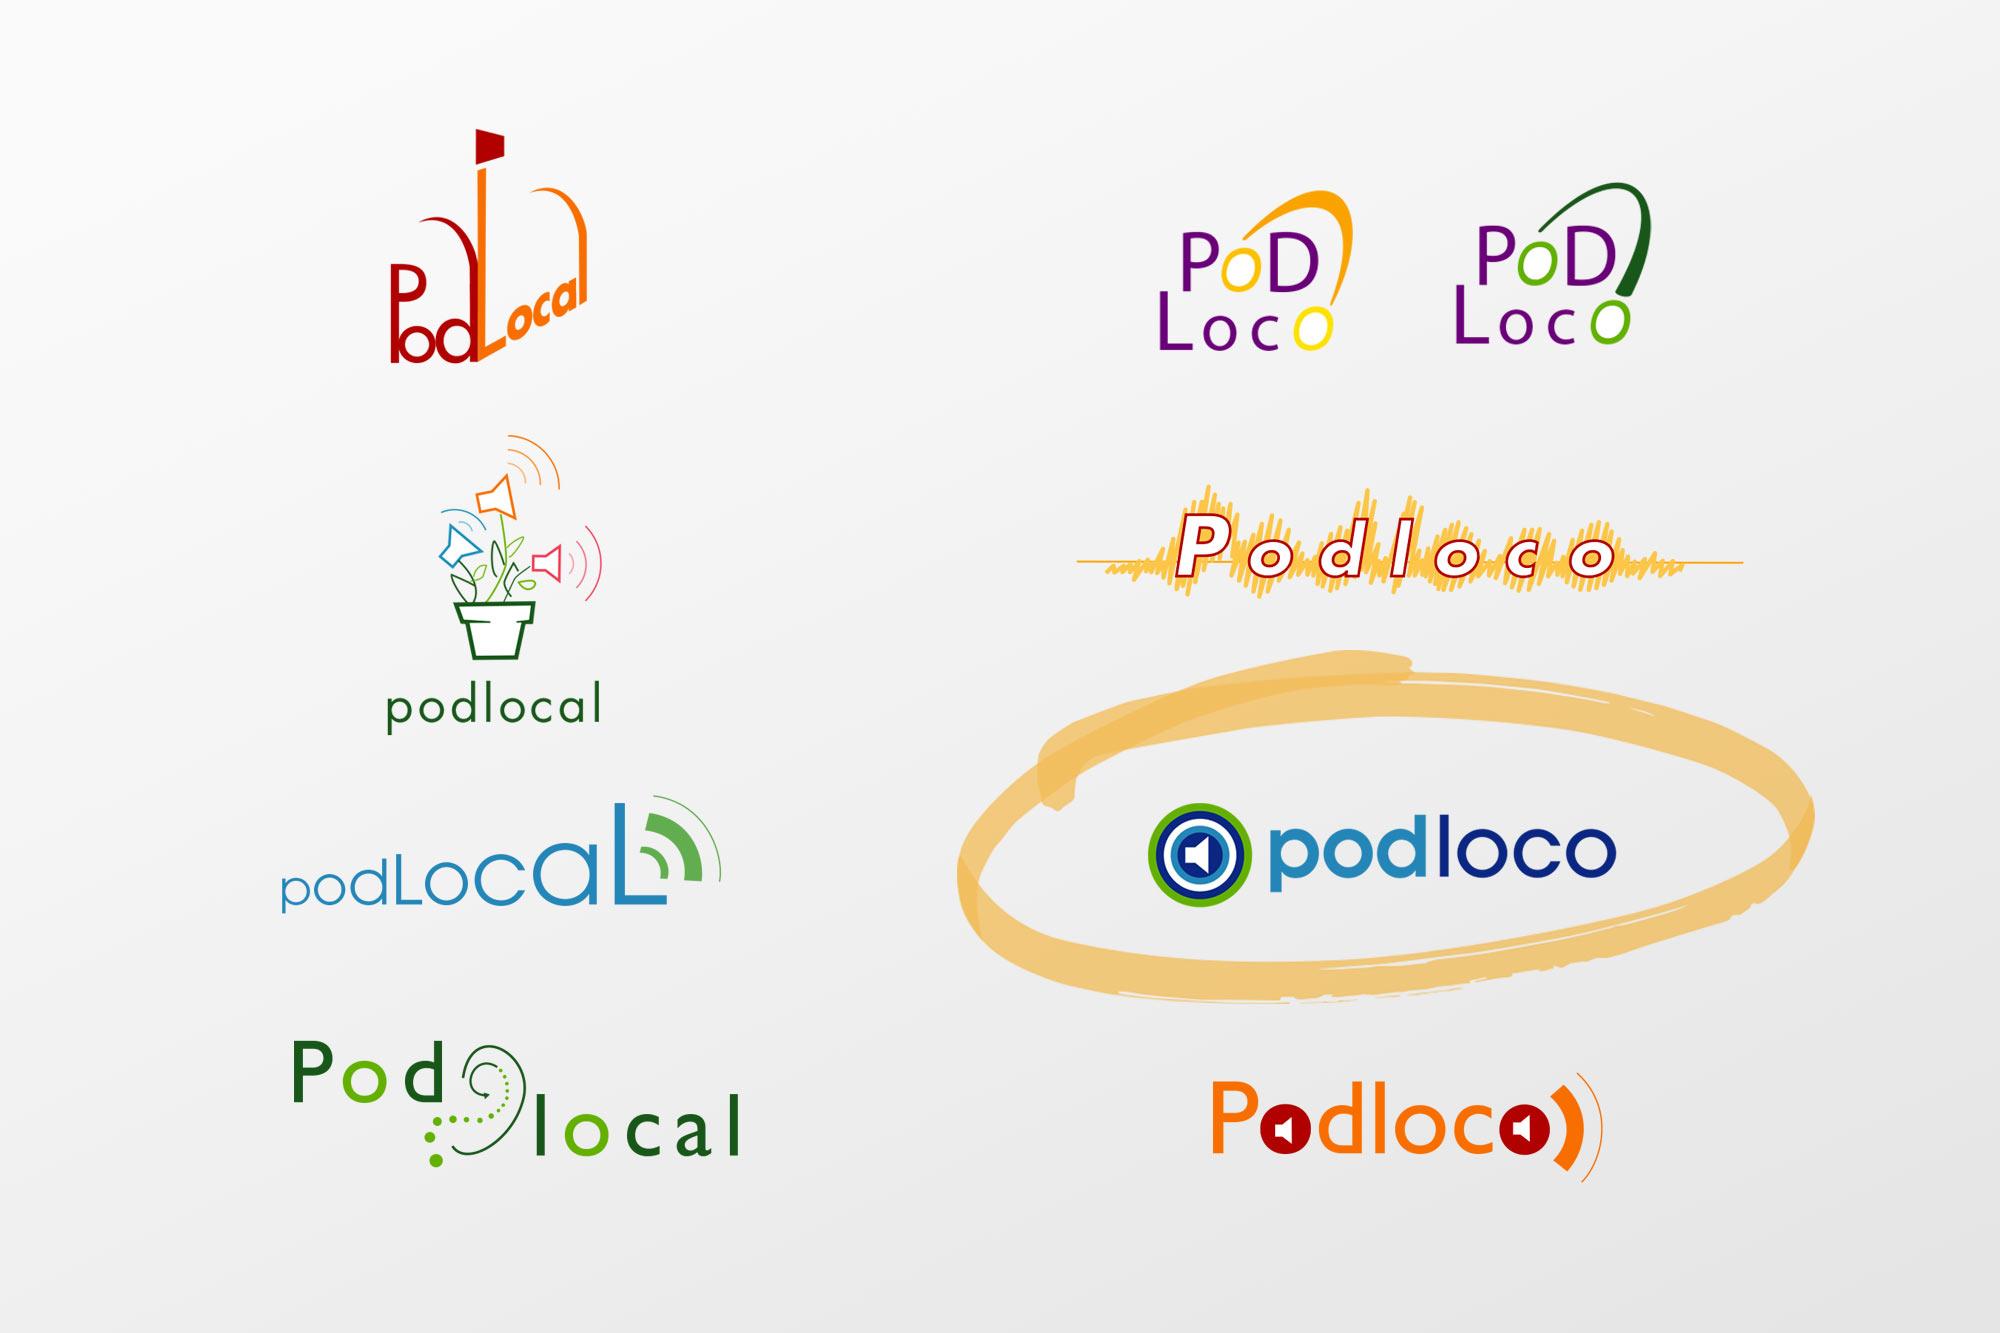 Podloco.com